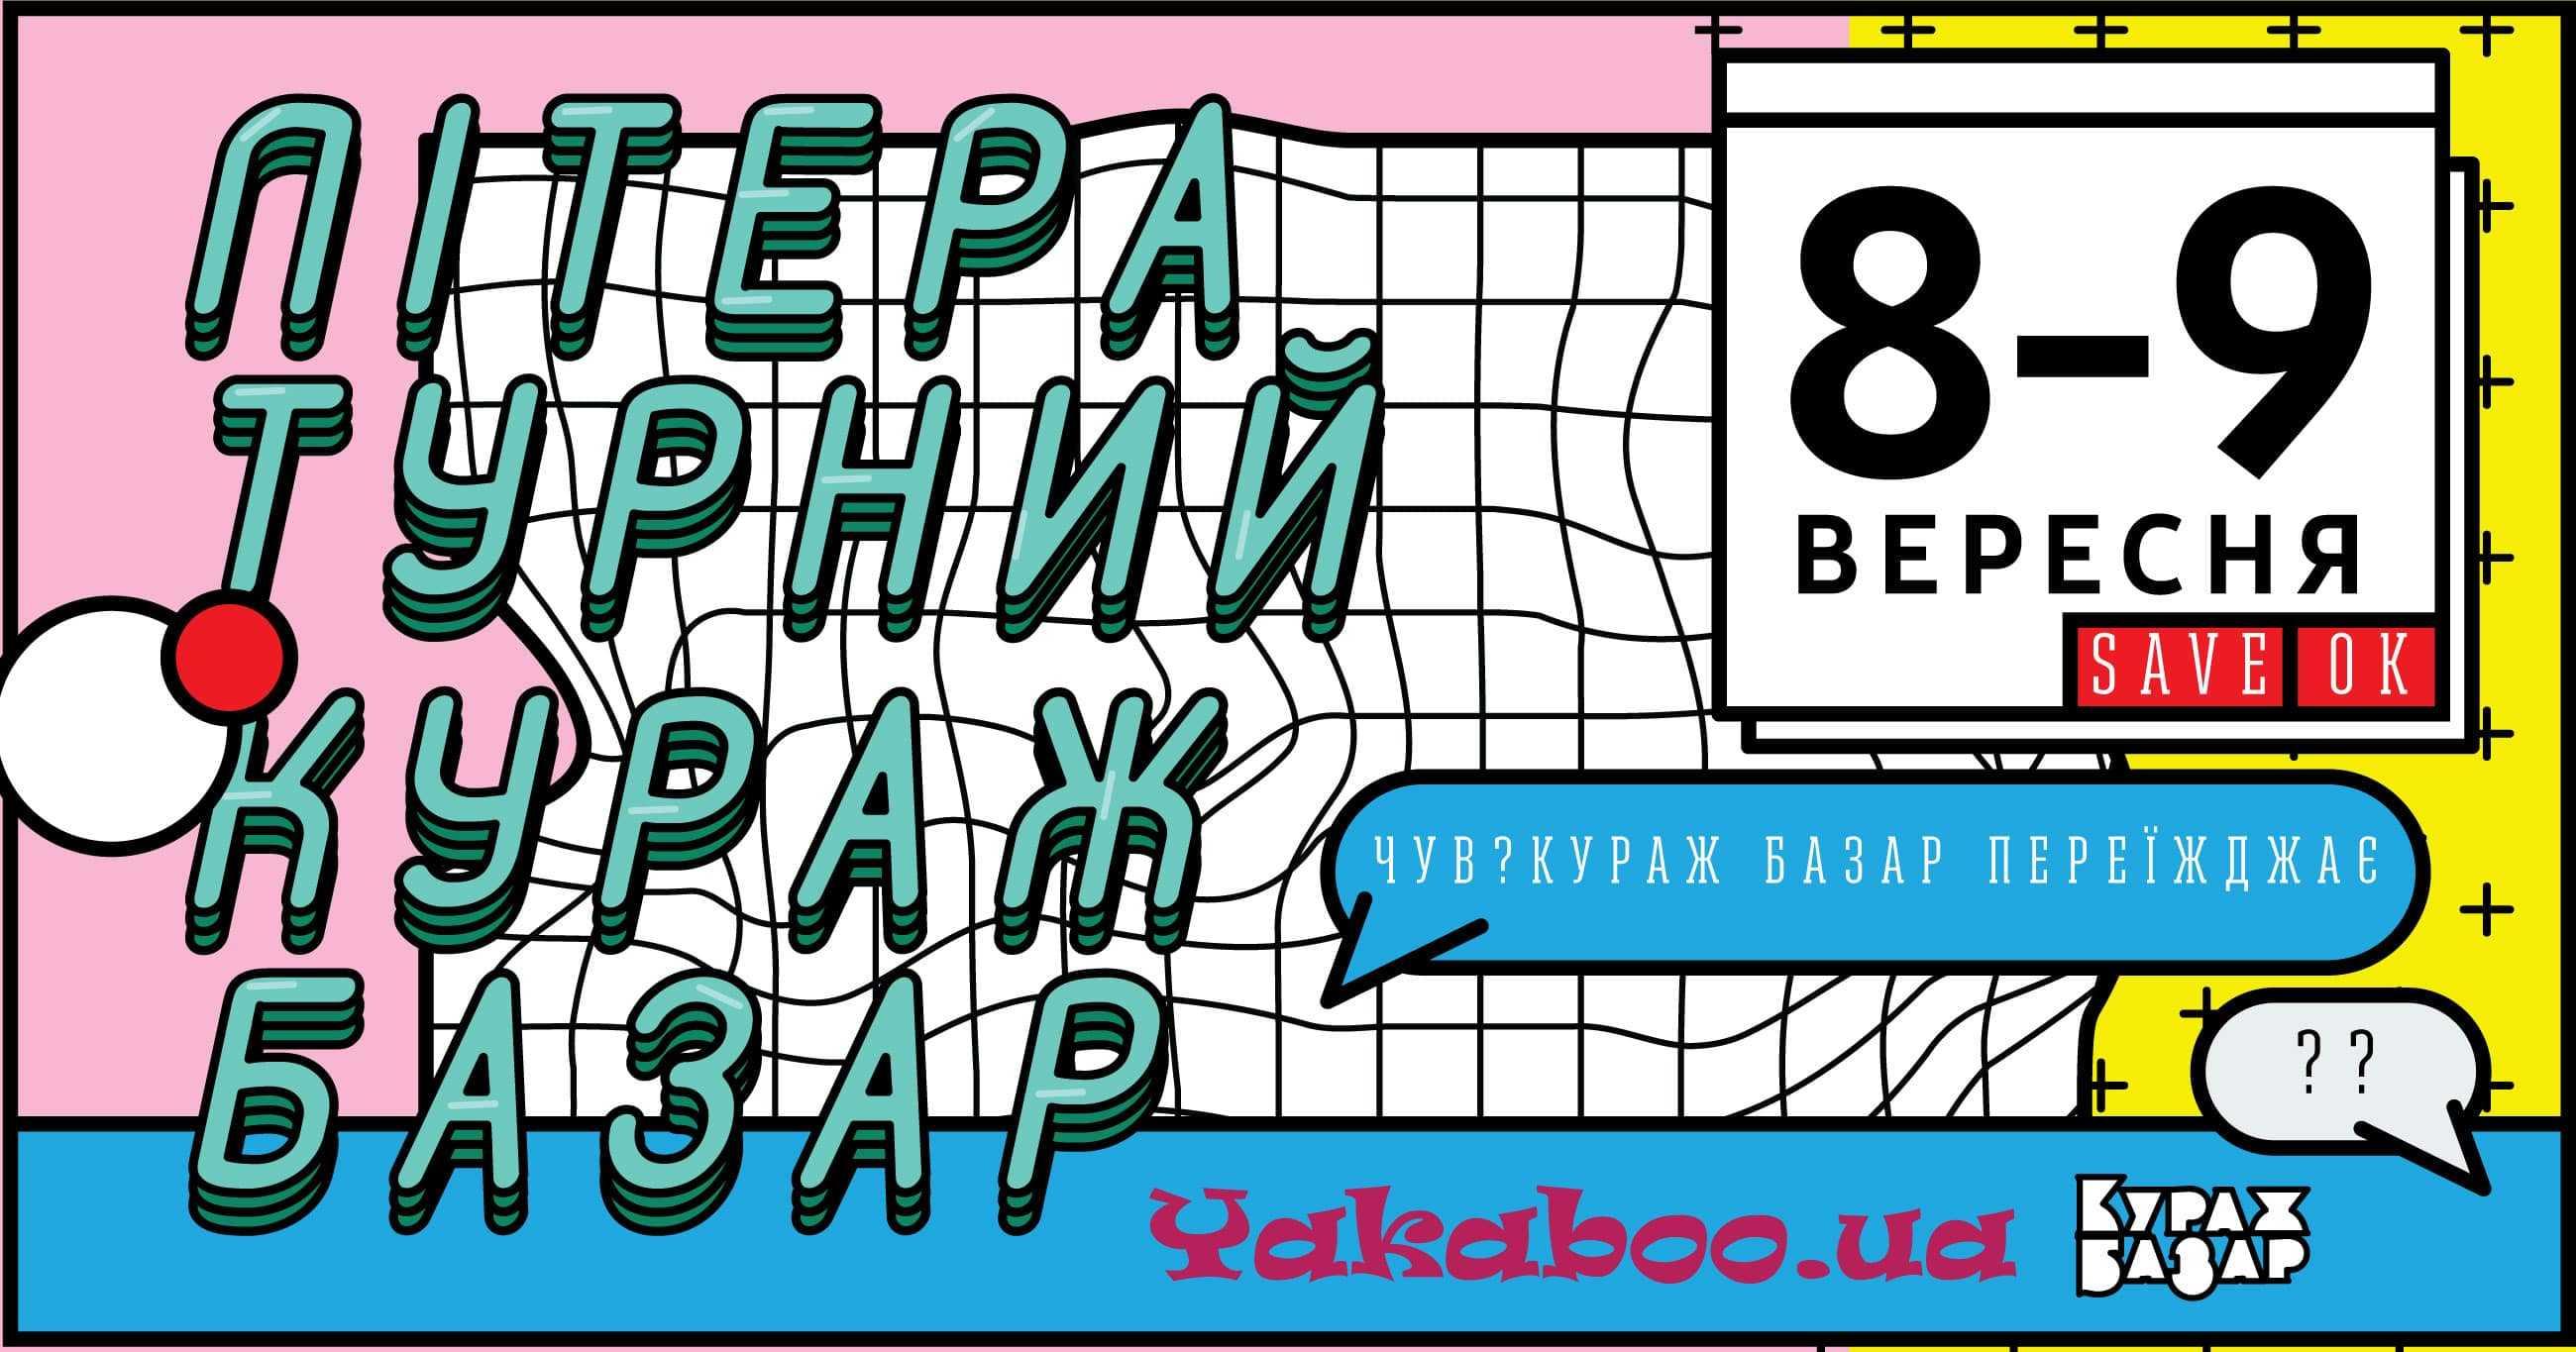 8-9 сентября в Киеве на ВДНХ состоится Литературный Кураж Базар 1